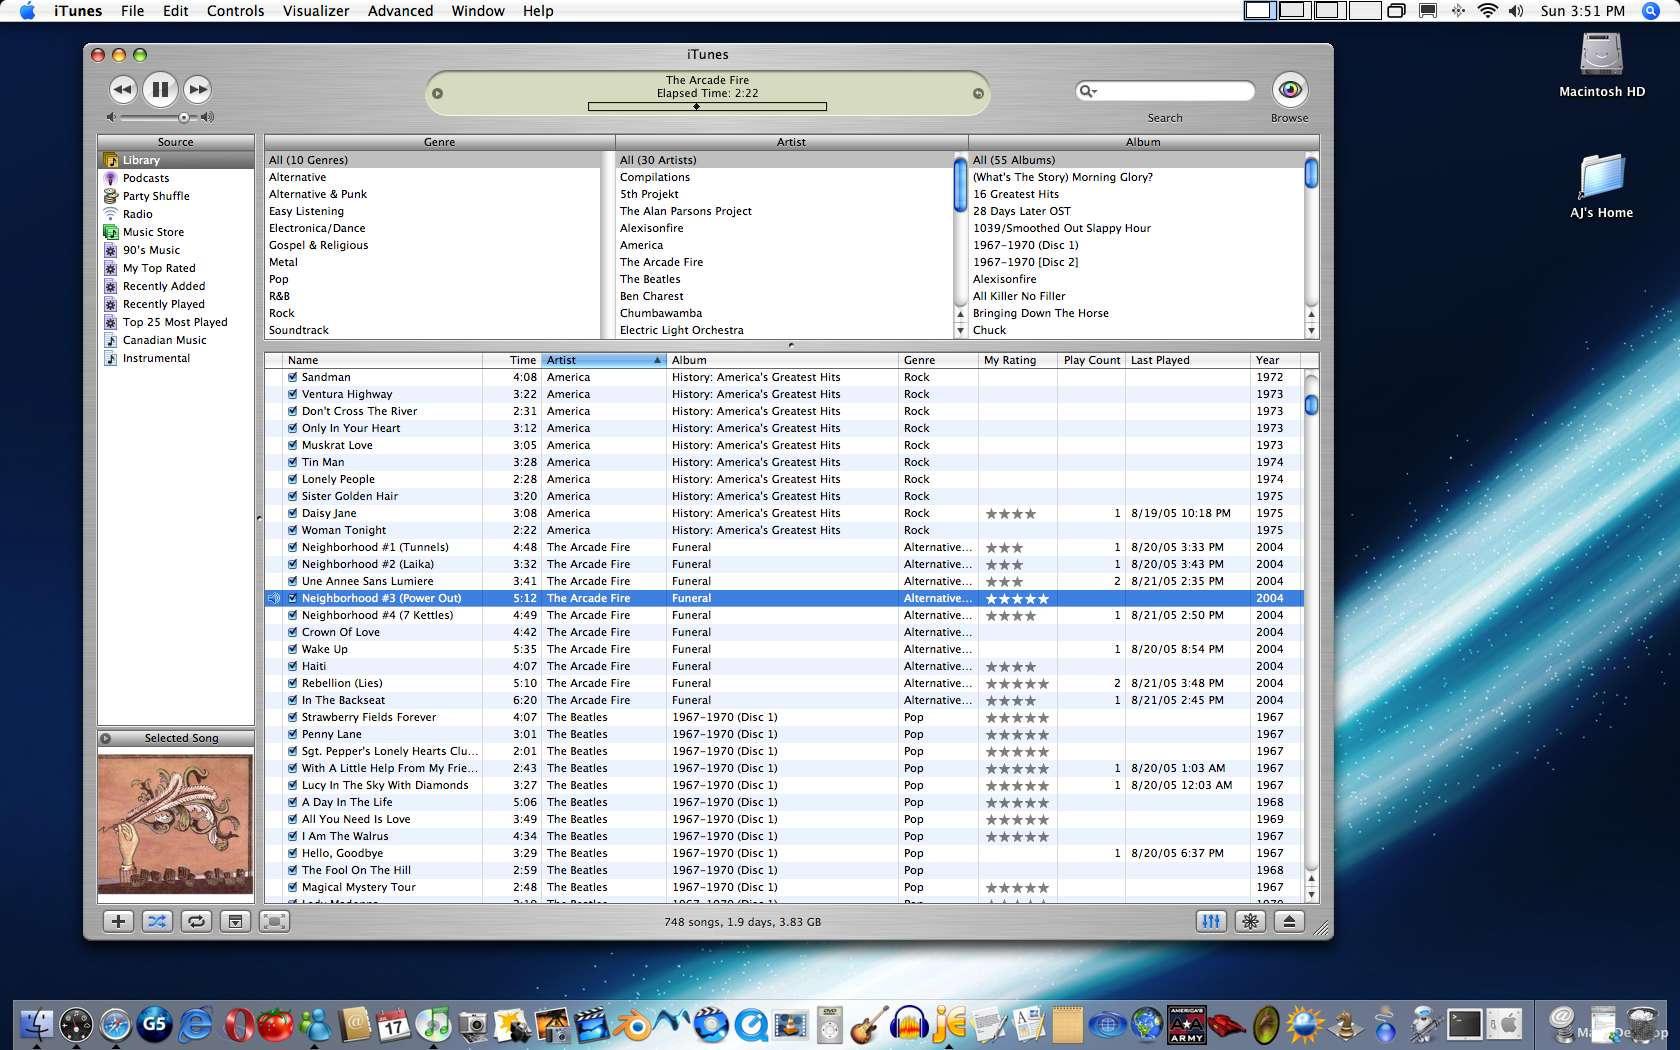 My New iMac by daj